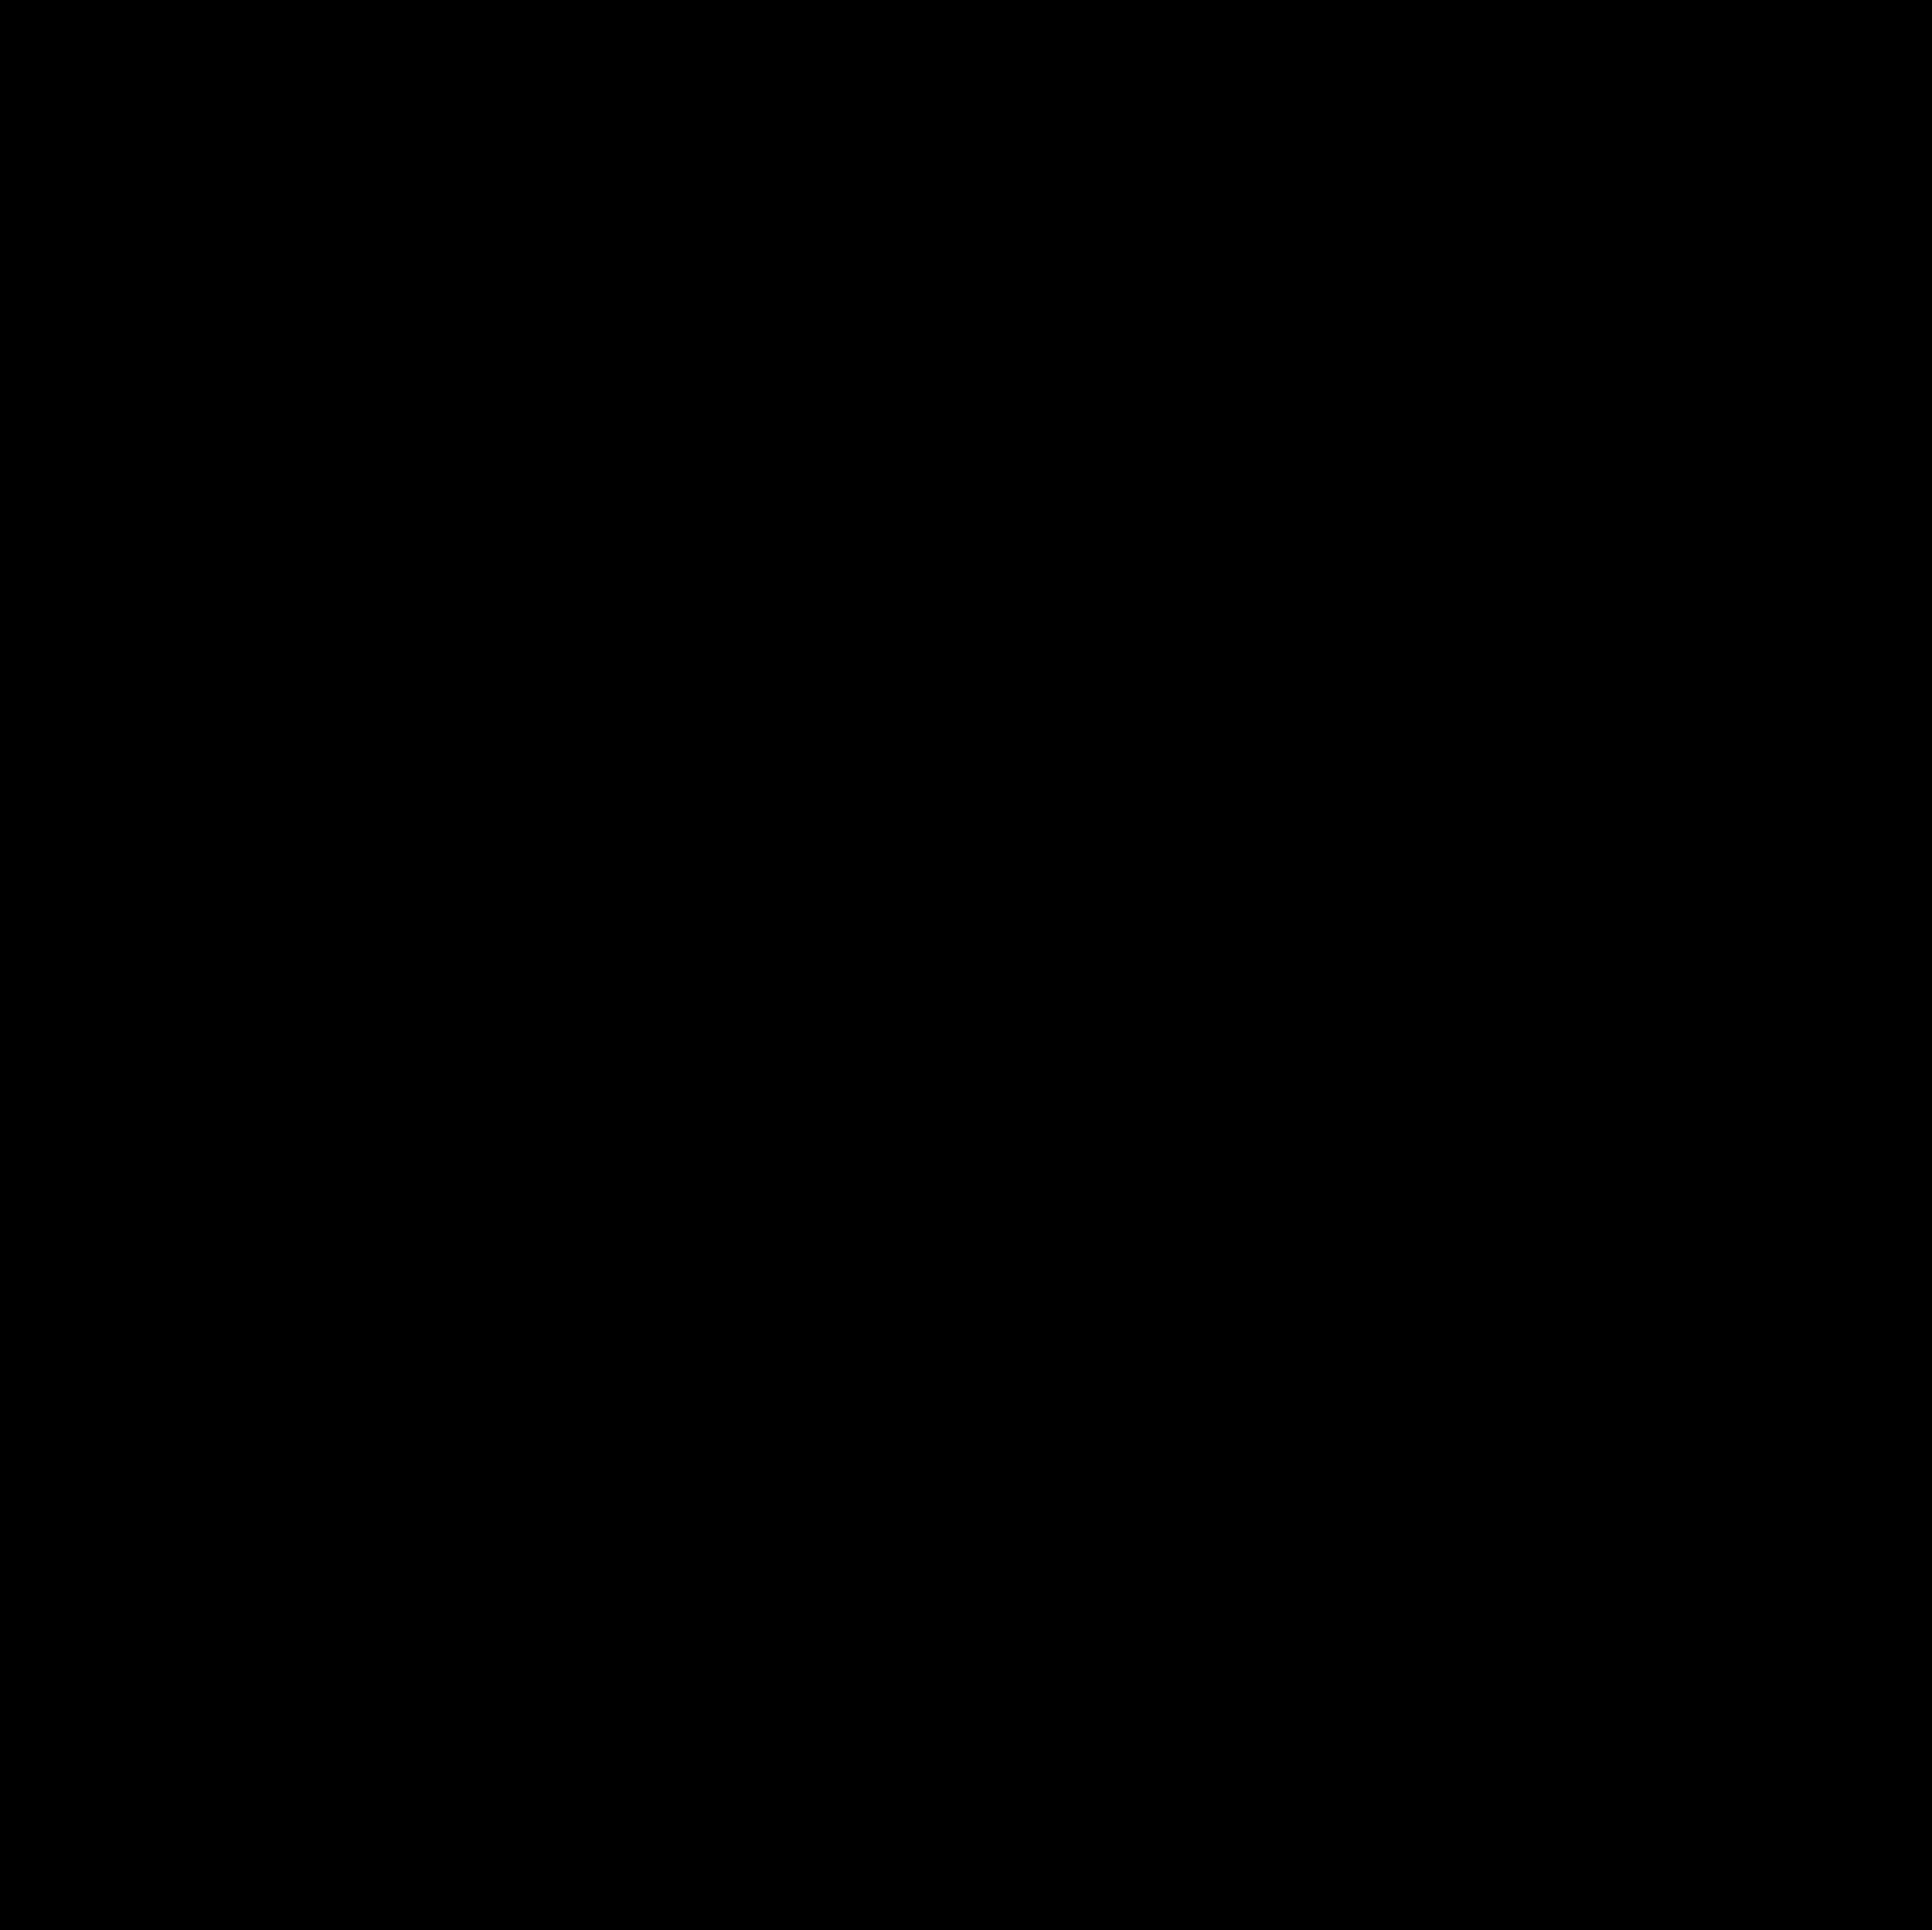 Bangkok Mass Transit System map